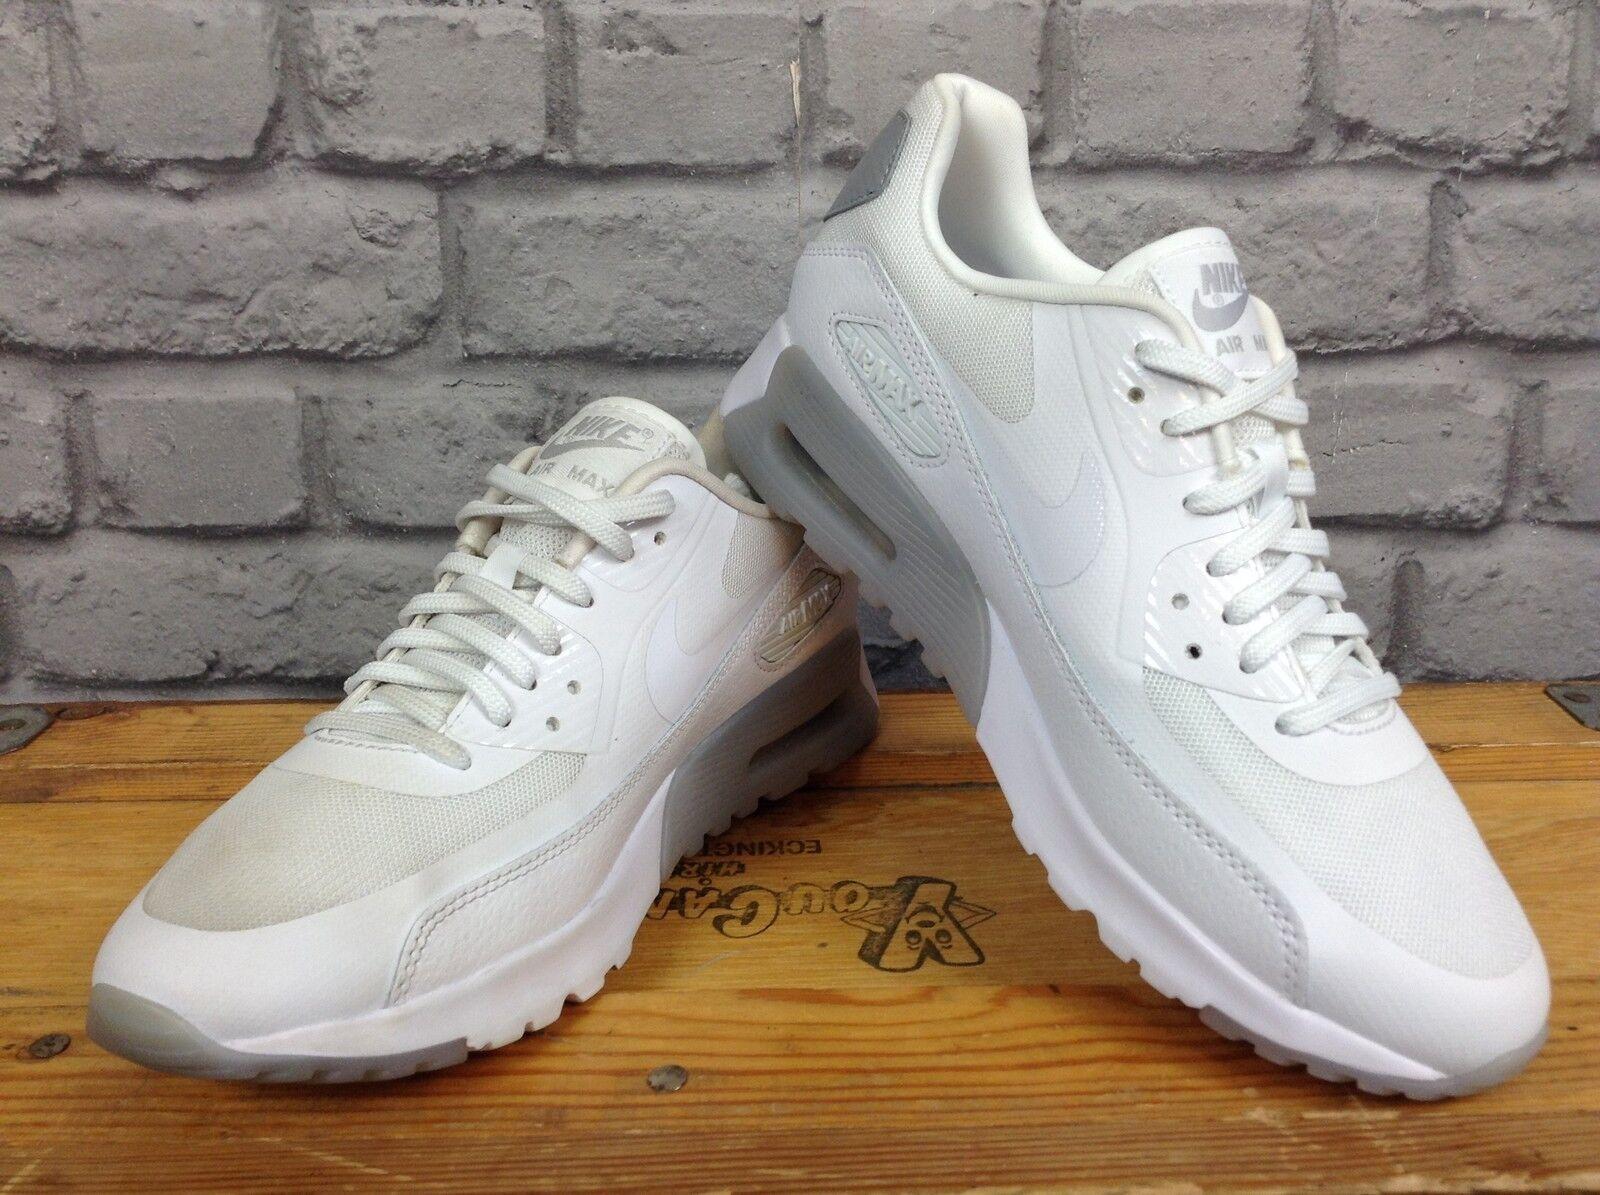 Nike Donna EUR 38.5 Bianco Grigio Ultra Essenziali Scarpe Da Ginnastica Rrp | Bella E Affascinante  | Scolaro/Ragazze Scarpa